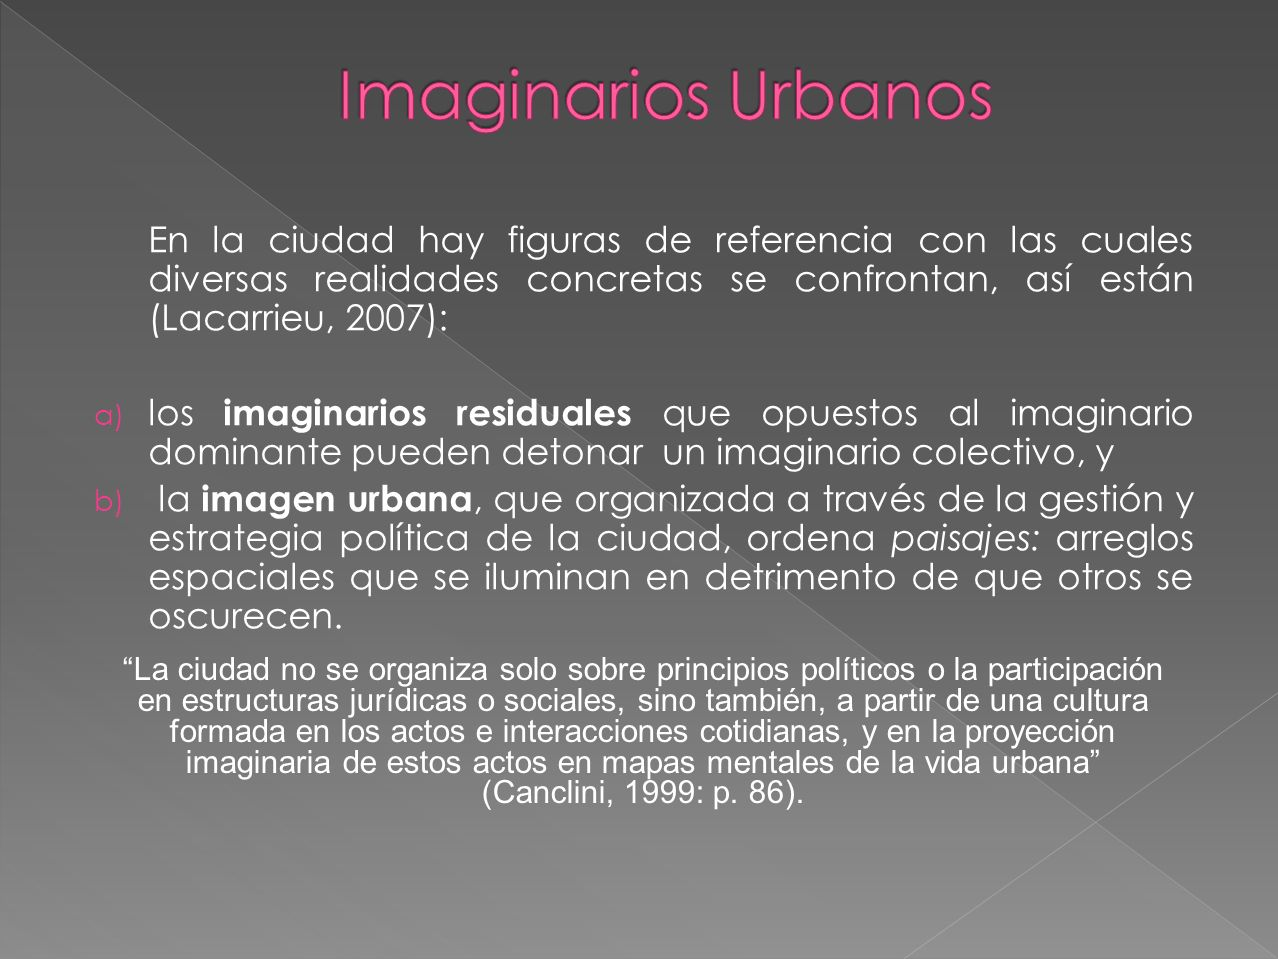 Imaginarios Urbanos En la ciudad hay figuras de referencia con las cuales diversas realidades concretas se confrontan, así están (Lacarrieu, 2007):